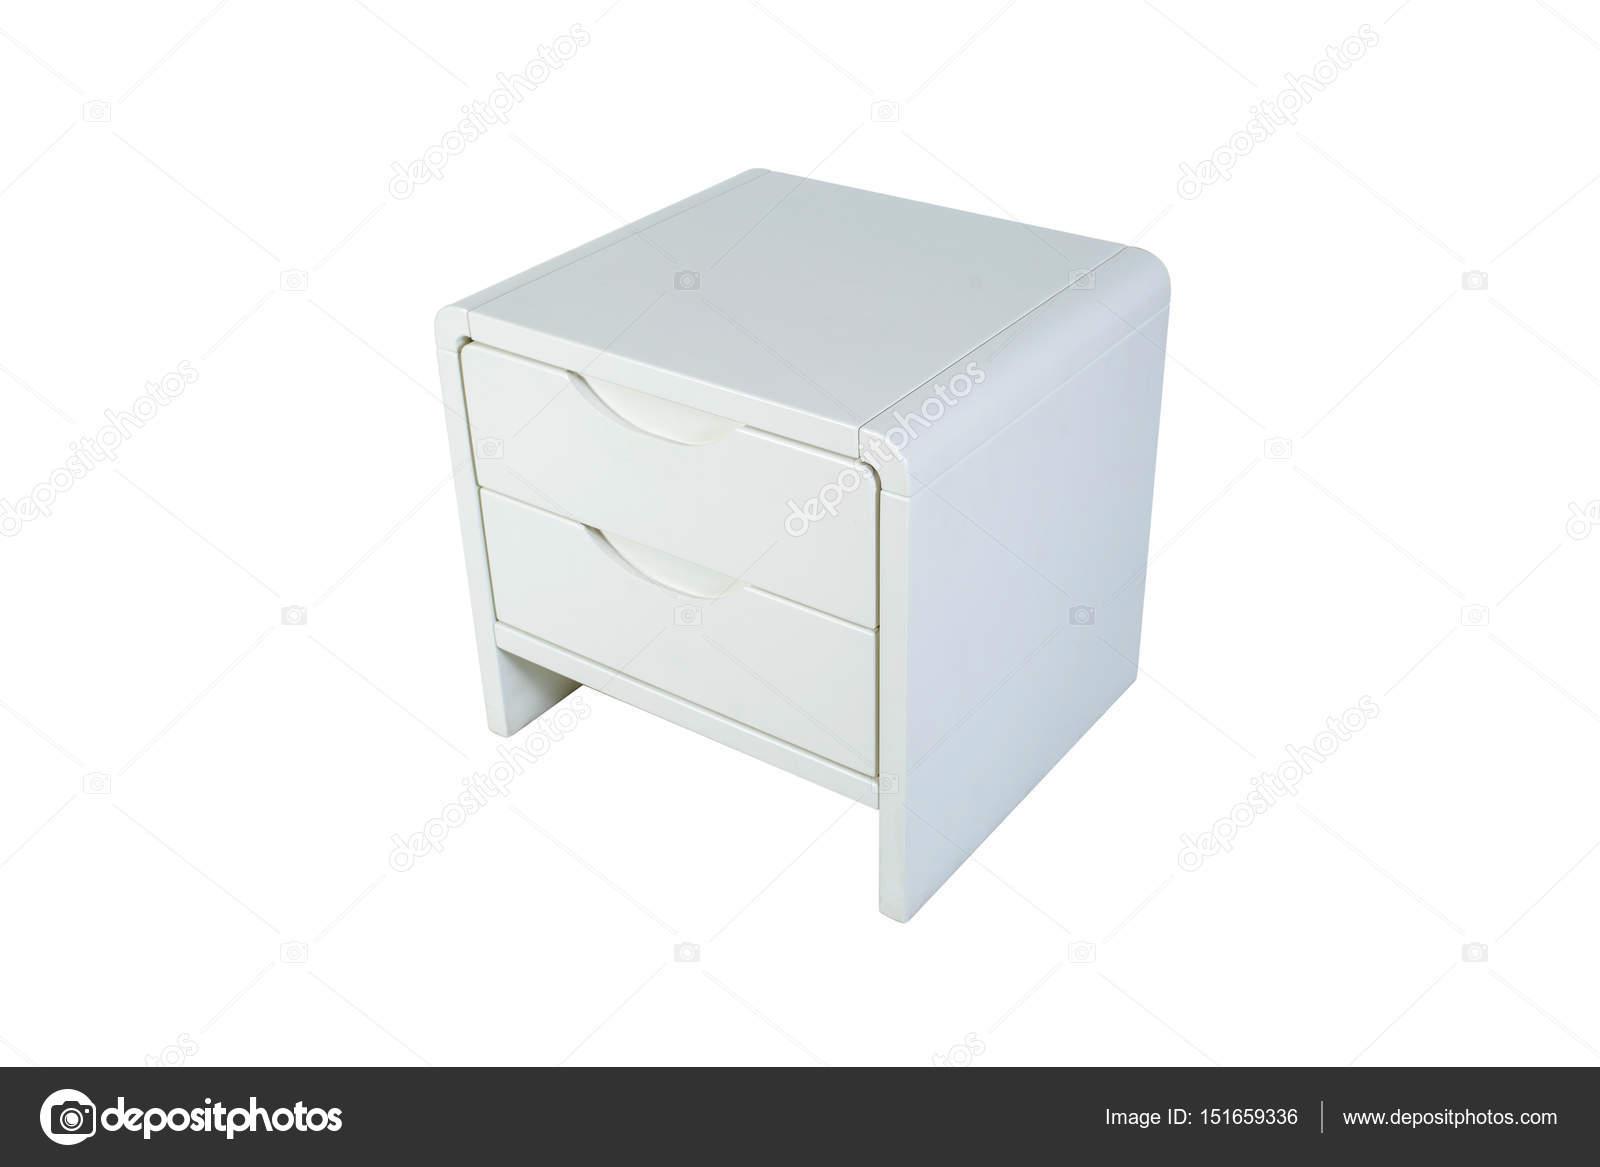 Muebles de madera aislado en blanco. Mesita de noche blanca — Foto ...